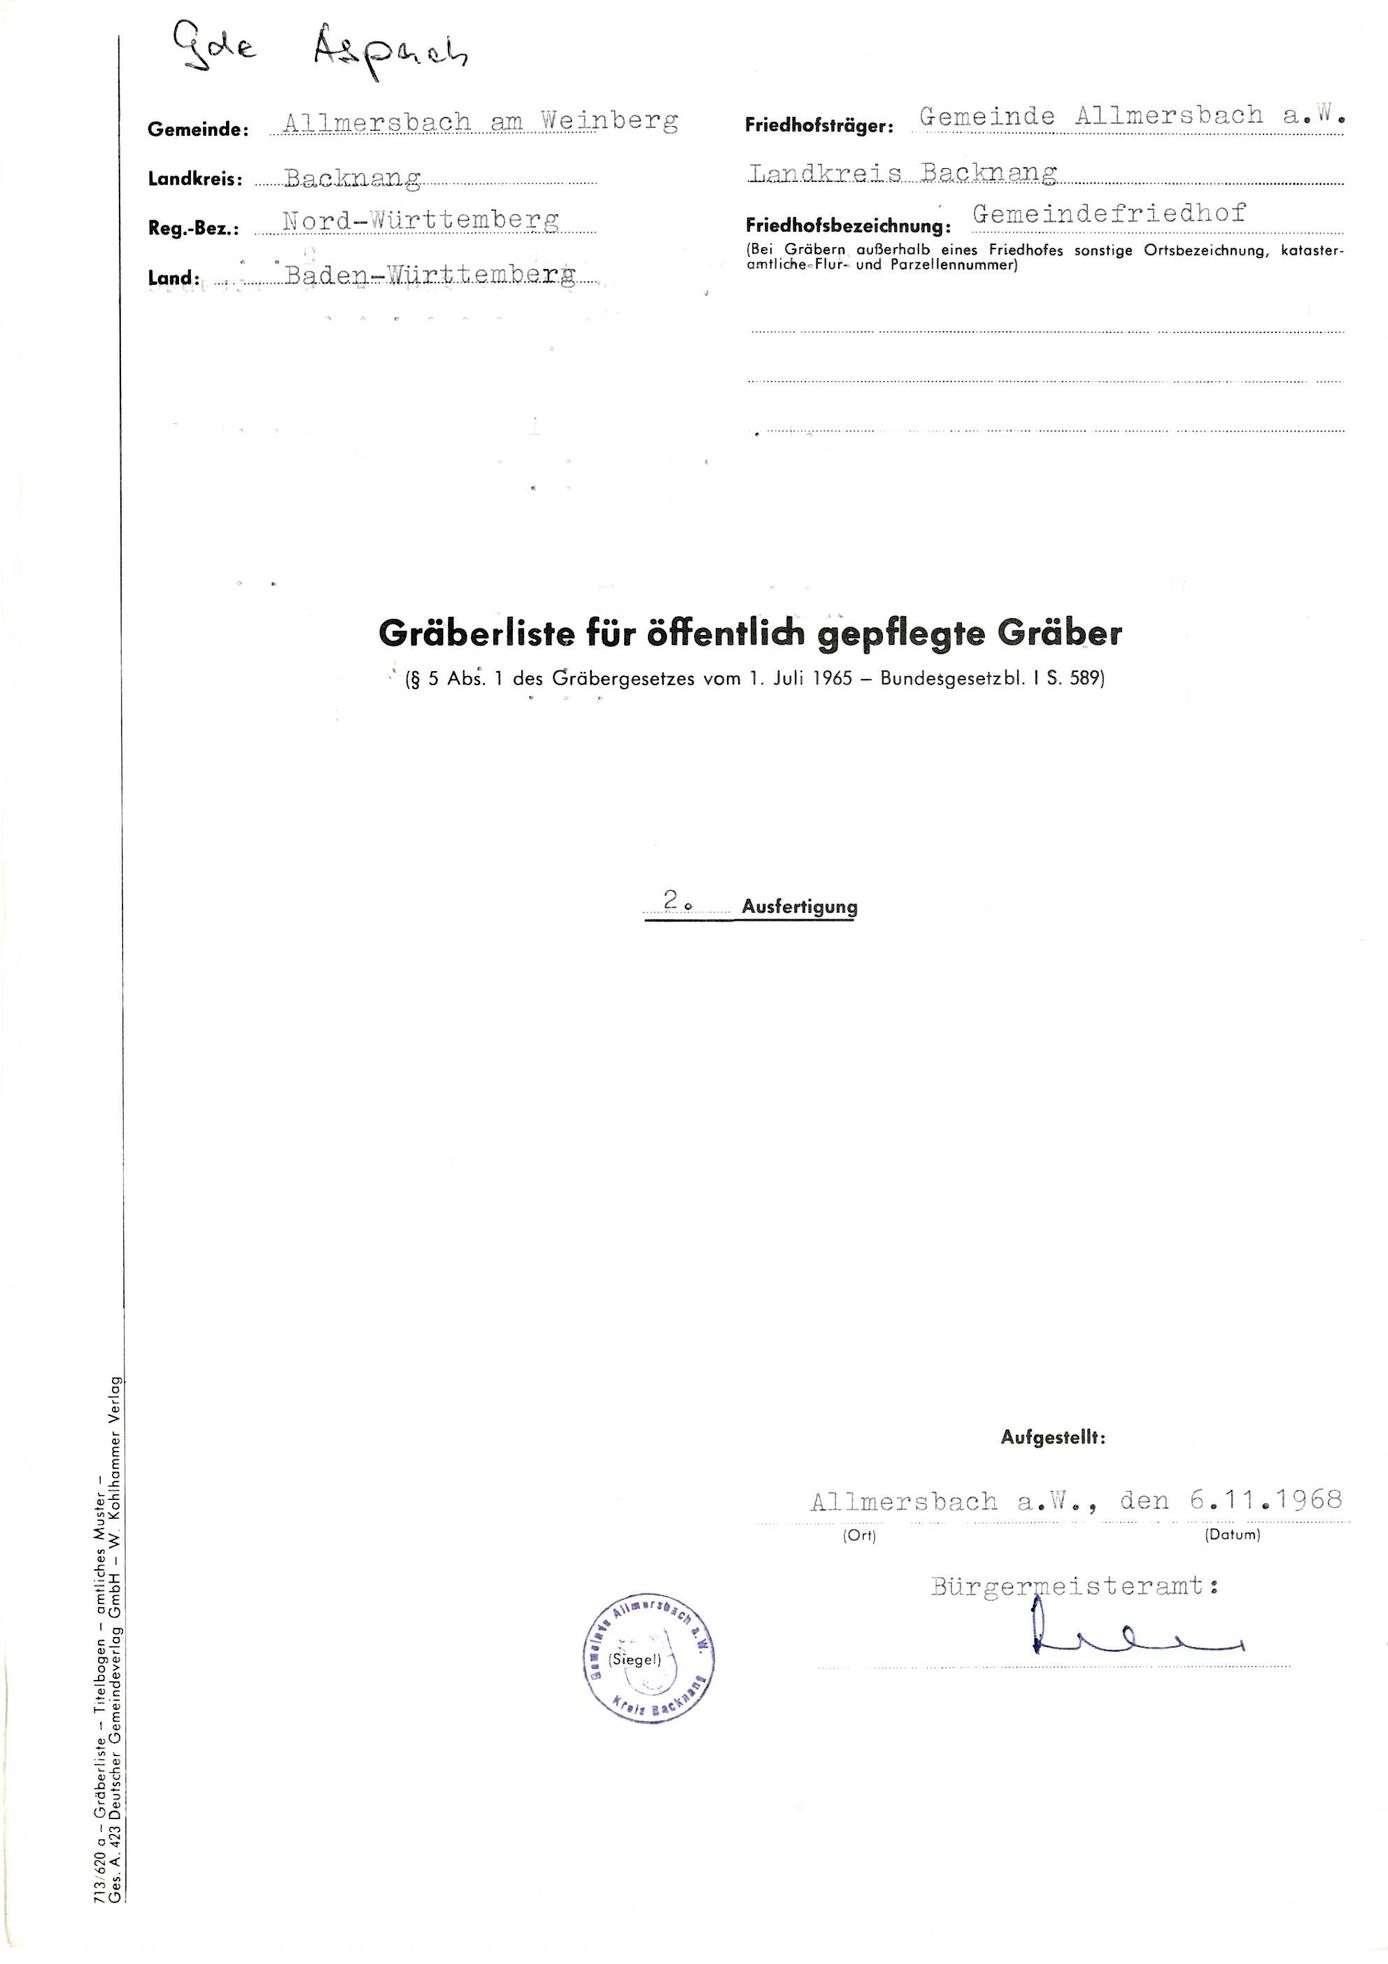 Allmersbach, Bild 1